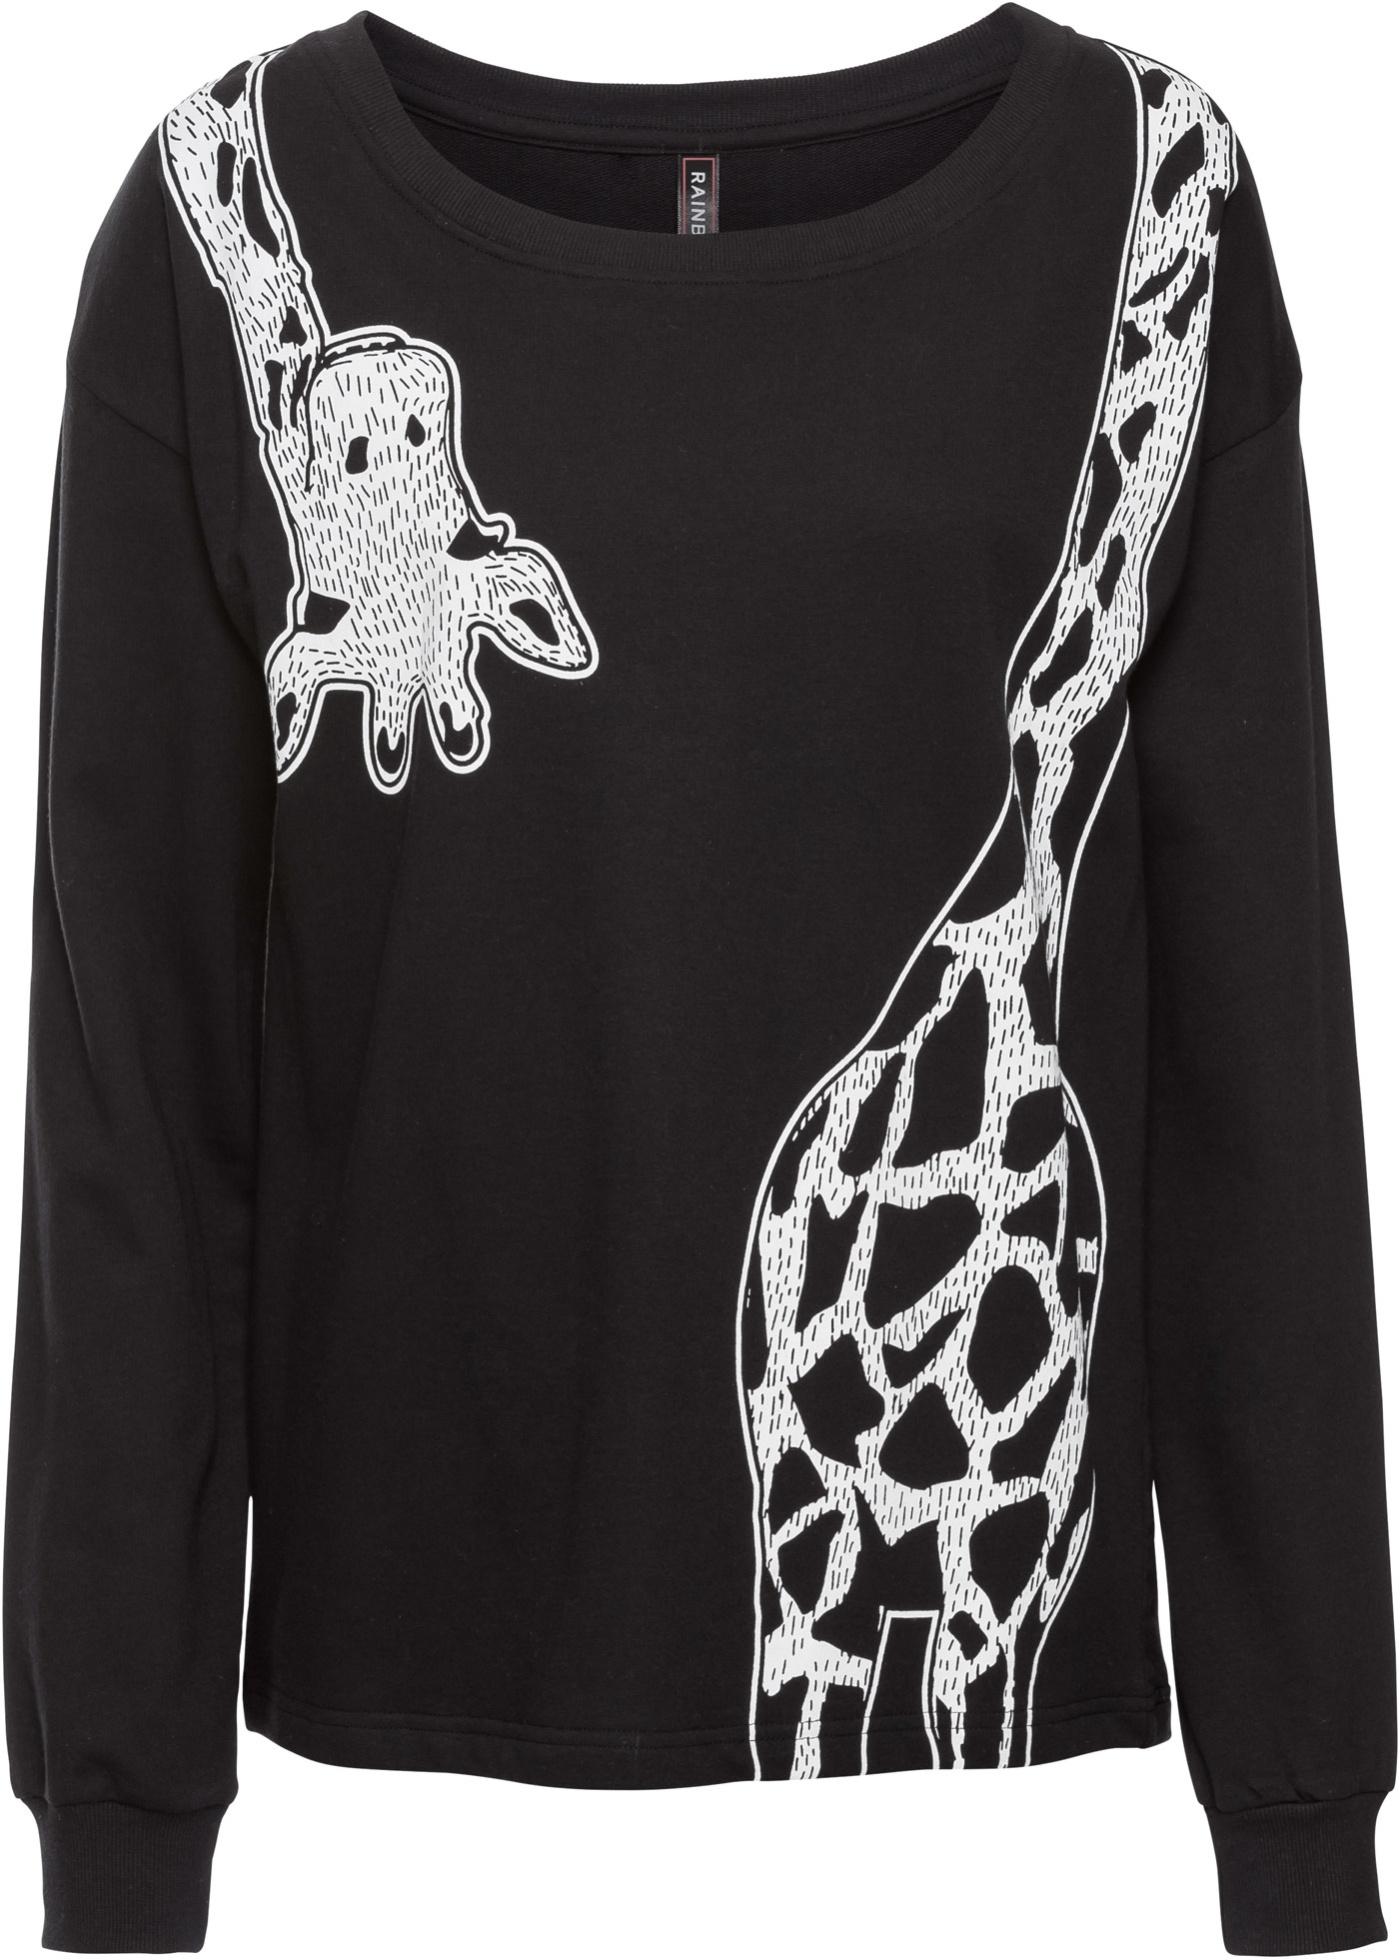 Longues À Pour Rainbow shirt Manches BonprixSweat Girafe Femme Noir Imprimé 6yYf7mbvIg